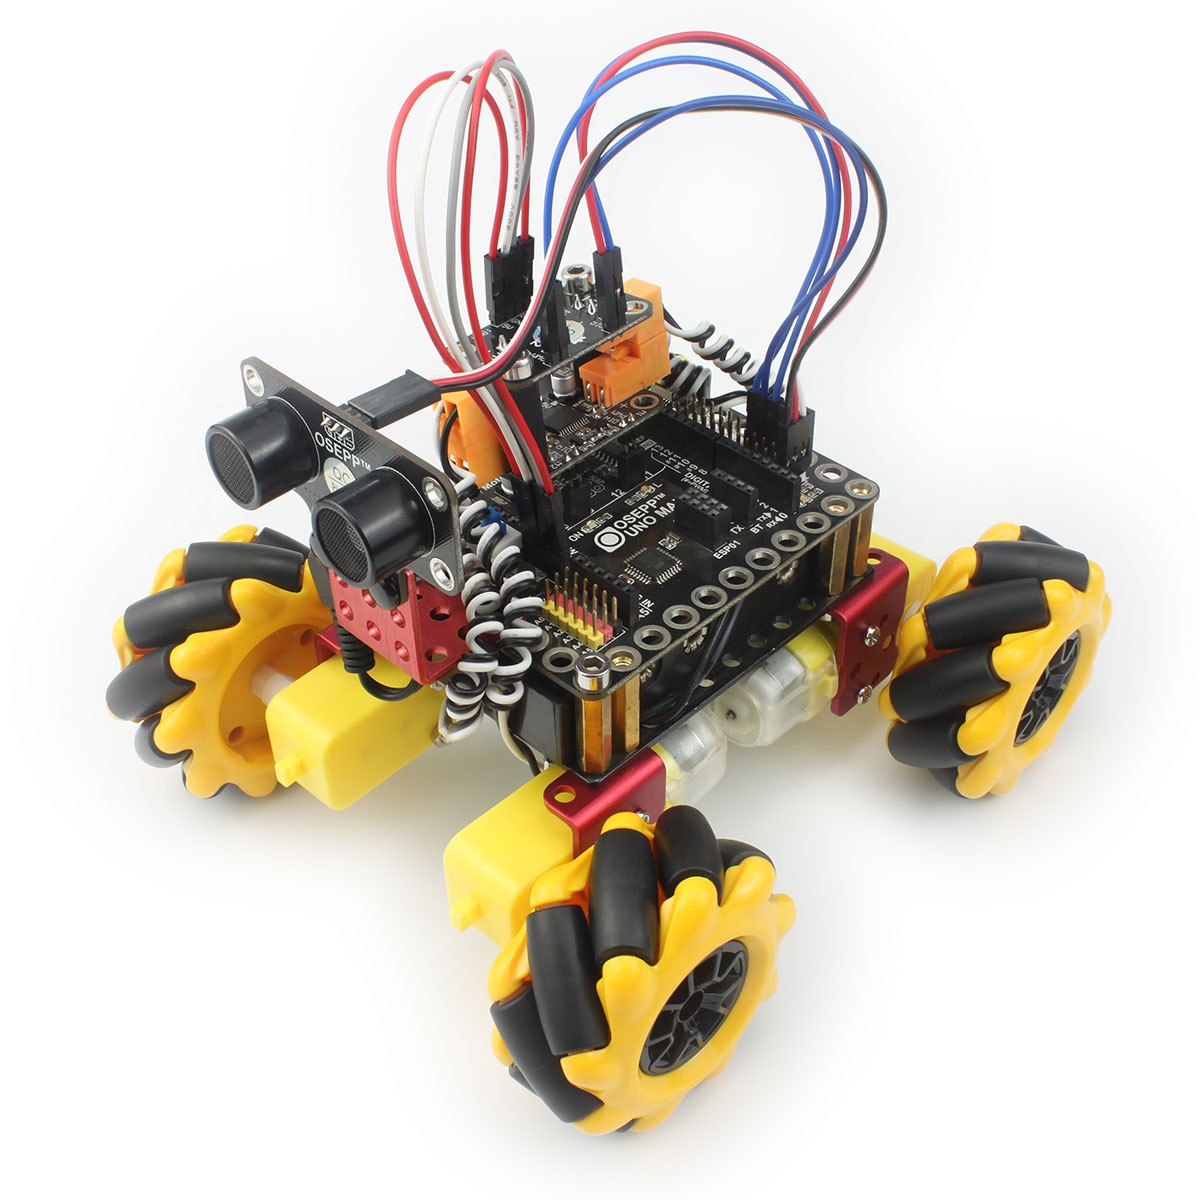 Mecanum عجلة RC سيارة روبوت عدة لاردوينو مع TT موتور خدش لعبة البرمجة الجرافيك الجذعية